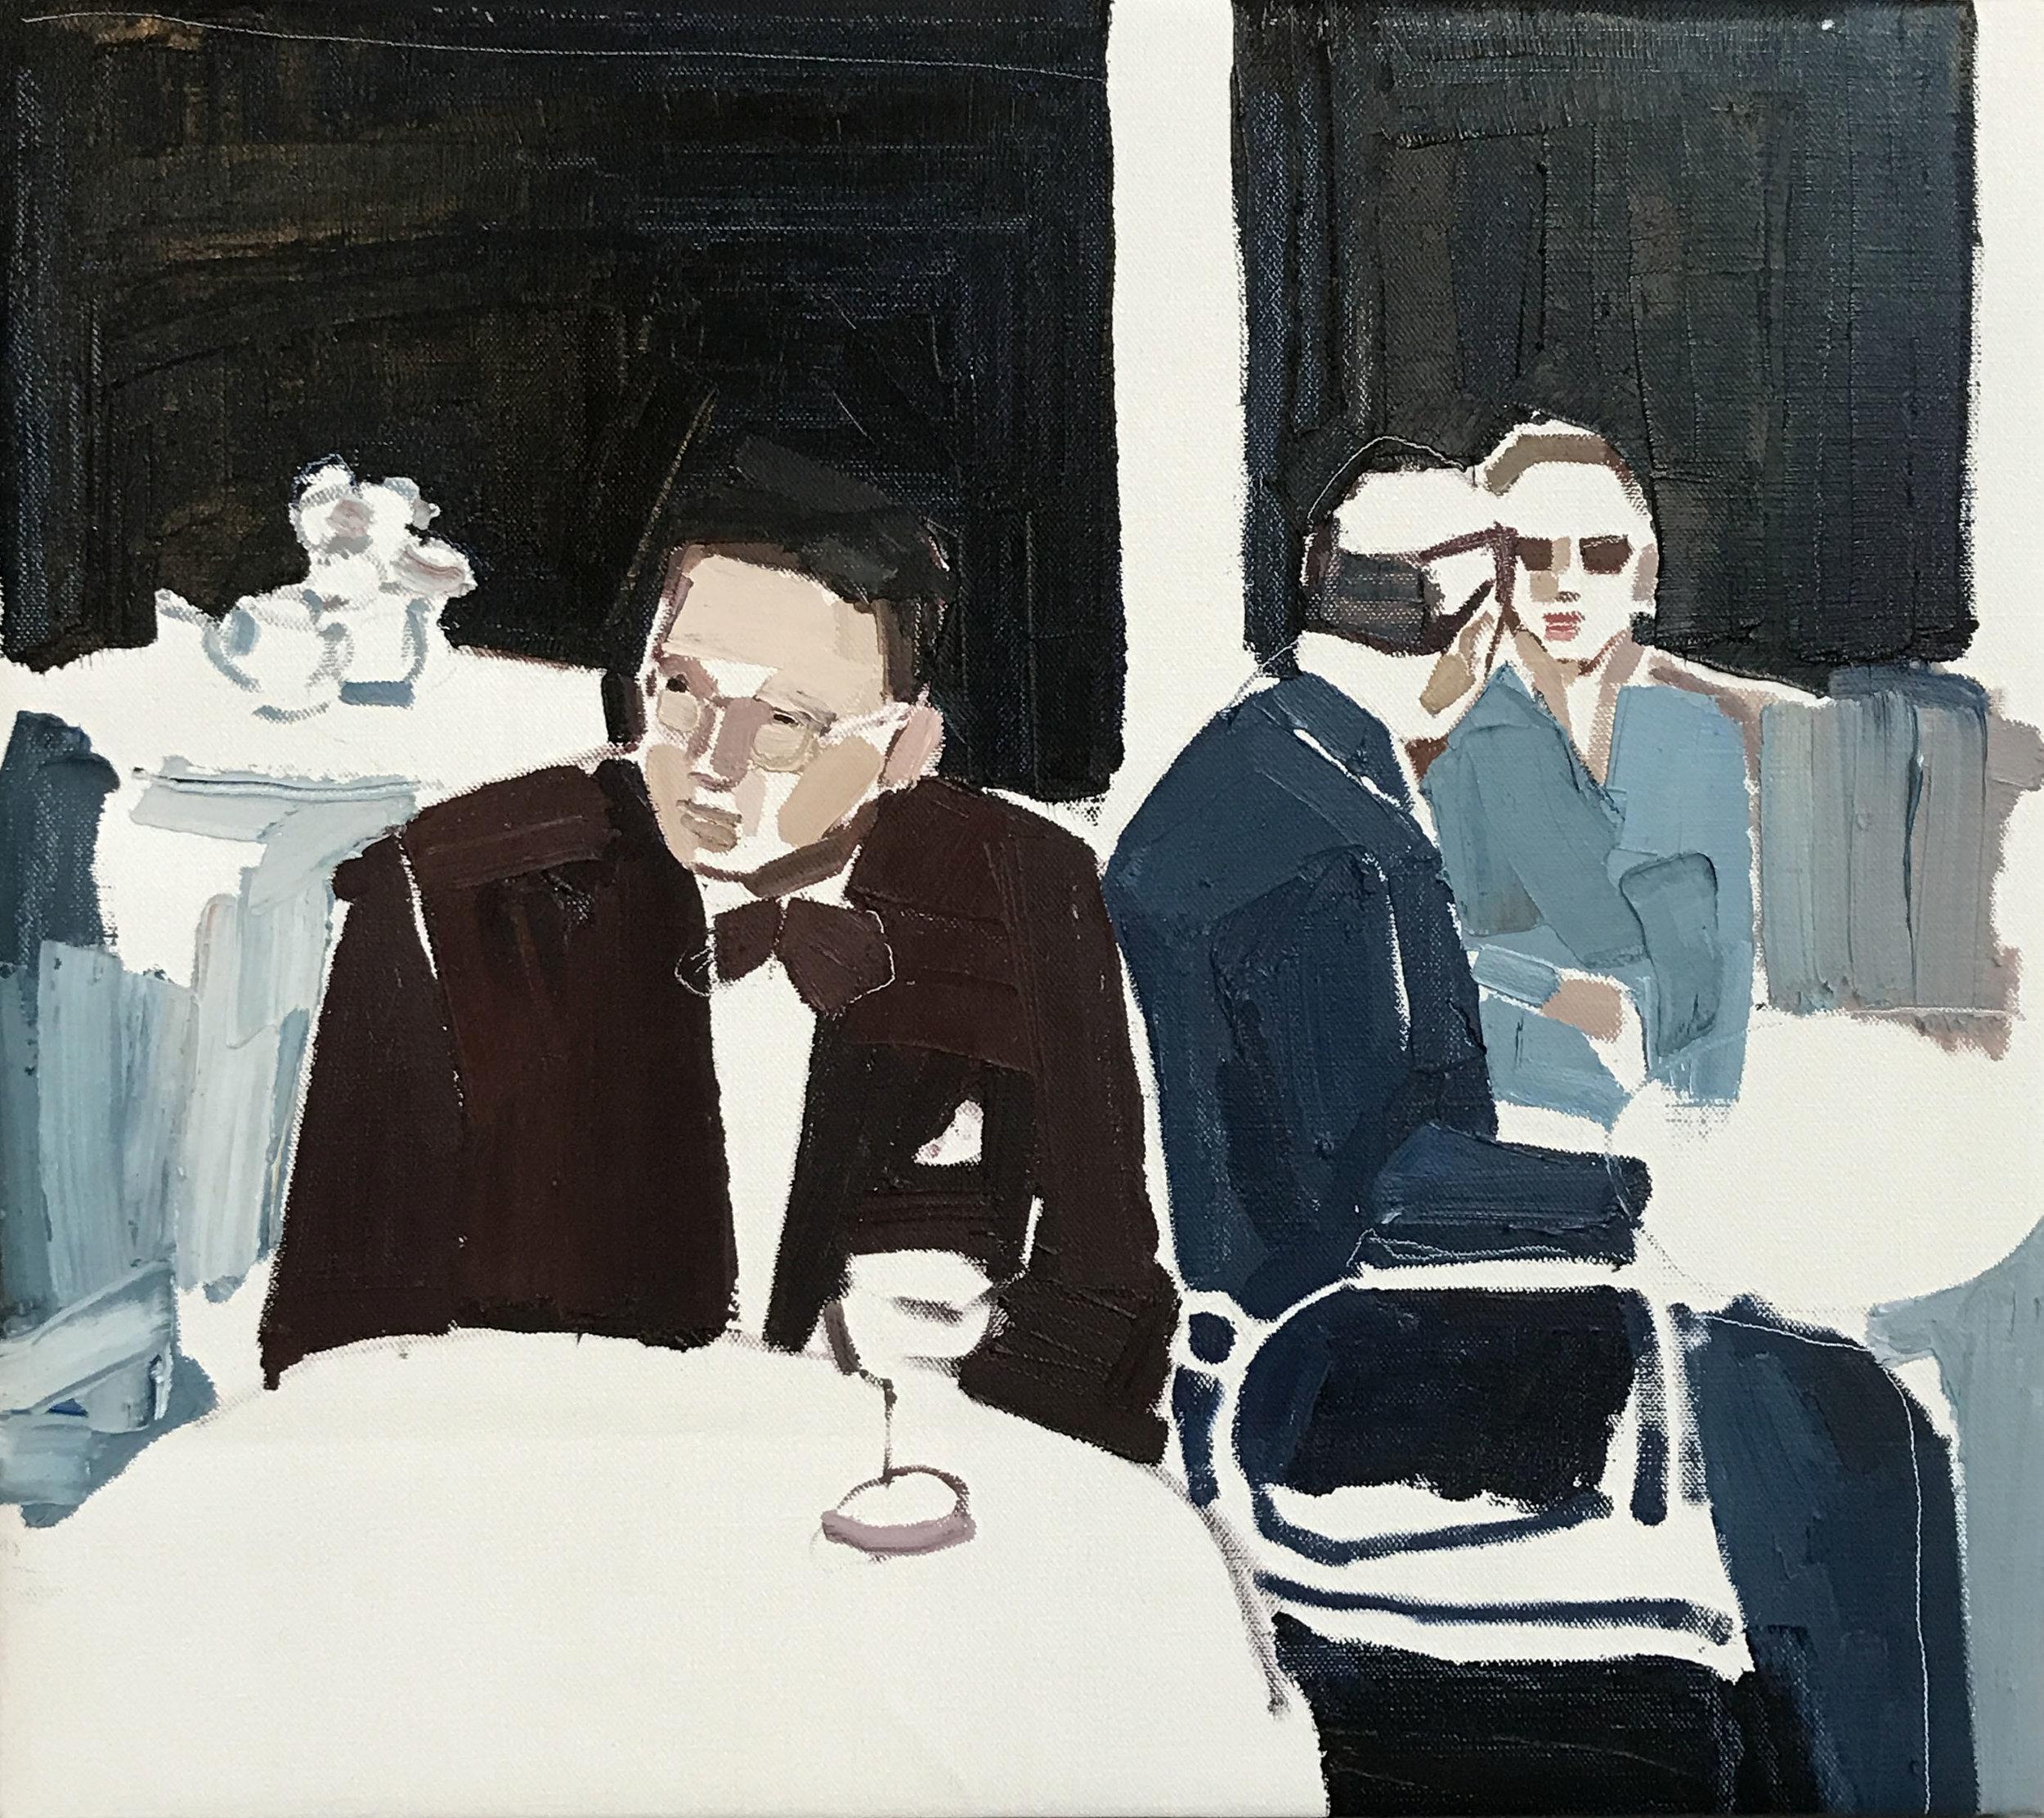 Clara Adolphs, Friday's Table 67 x 61 cm, oil on linen